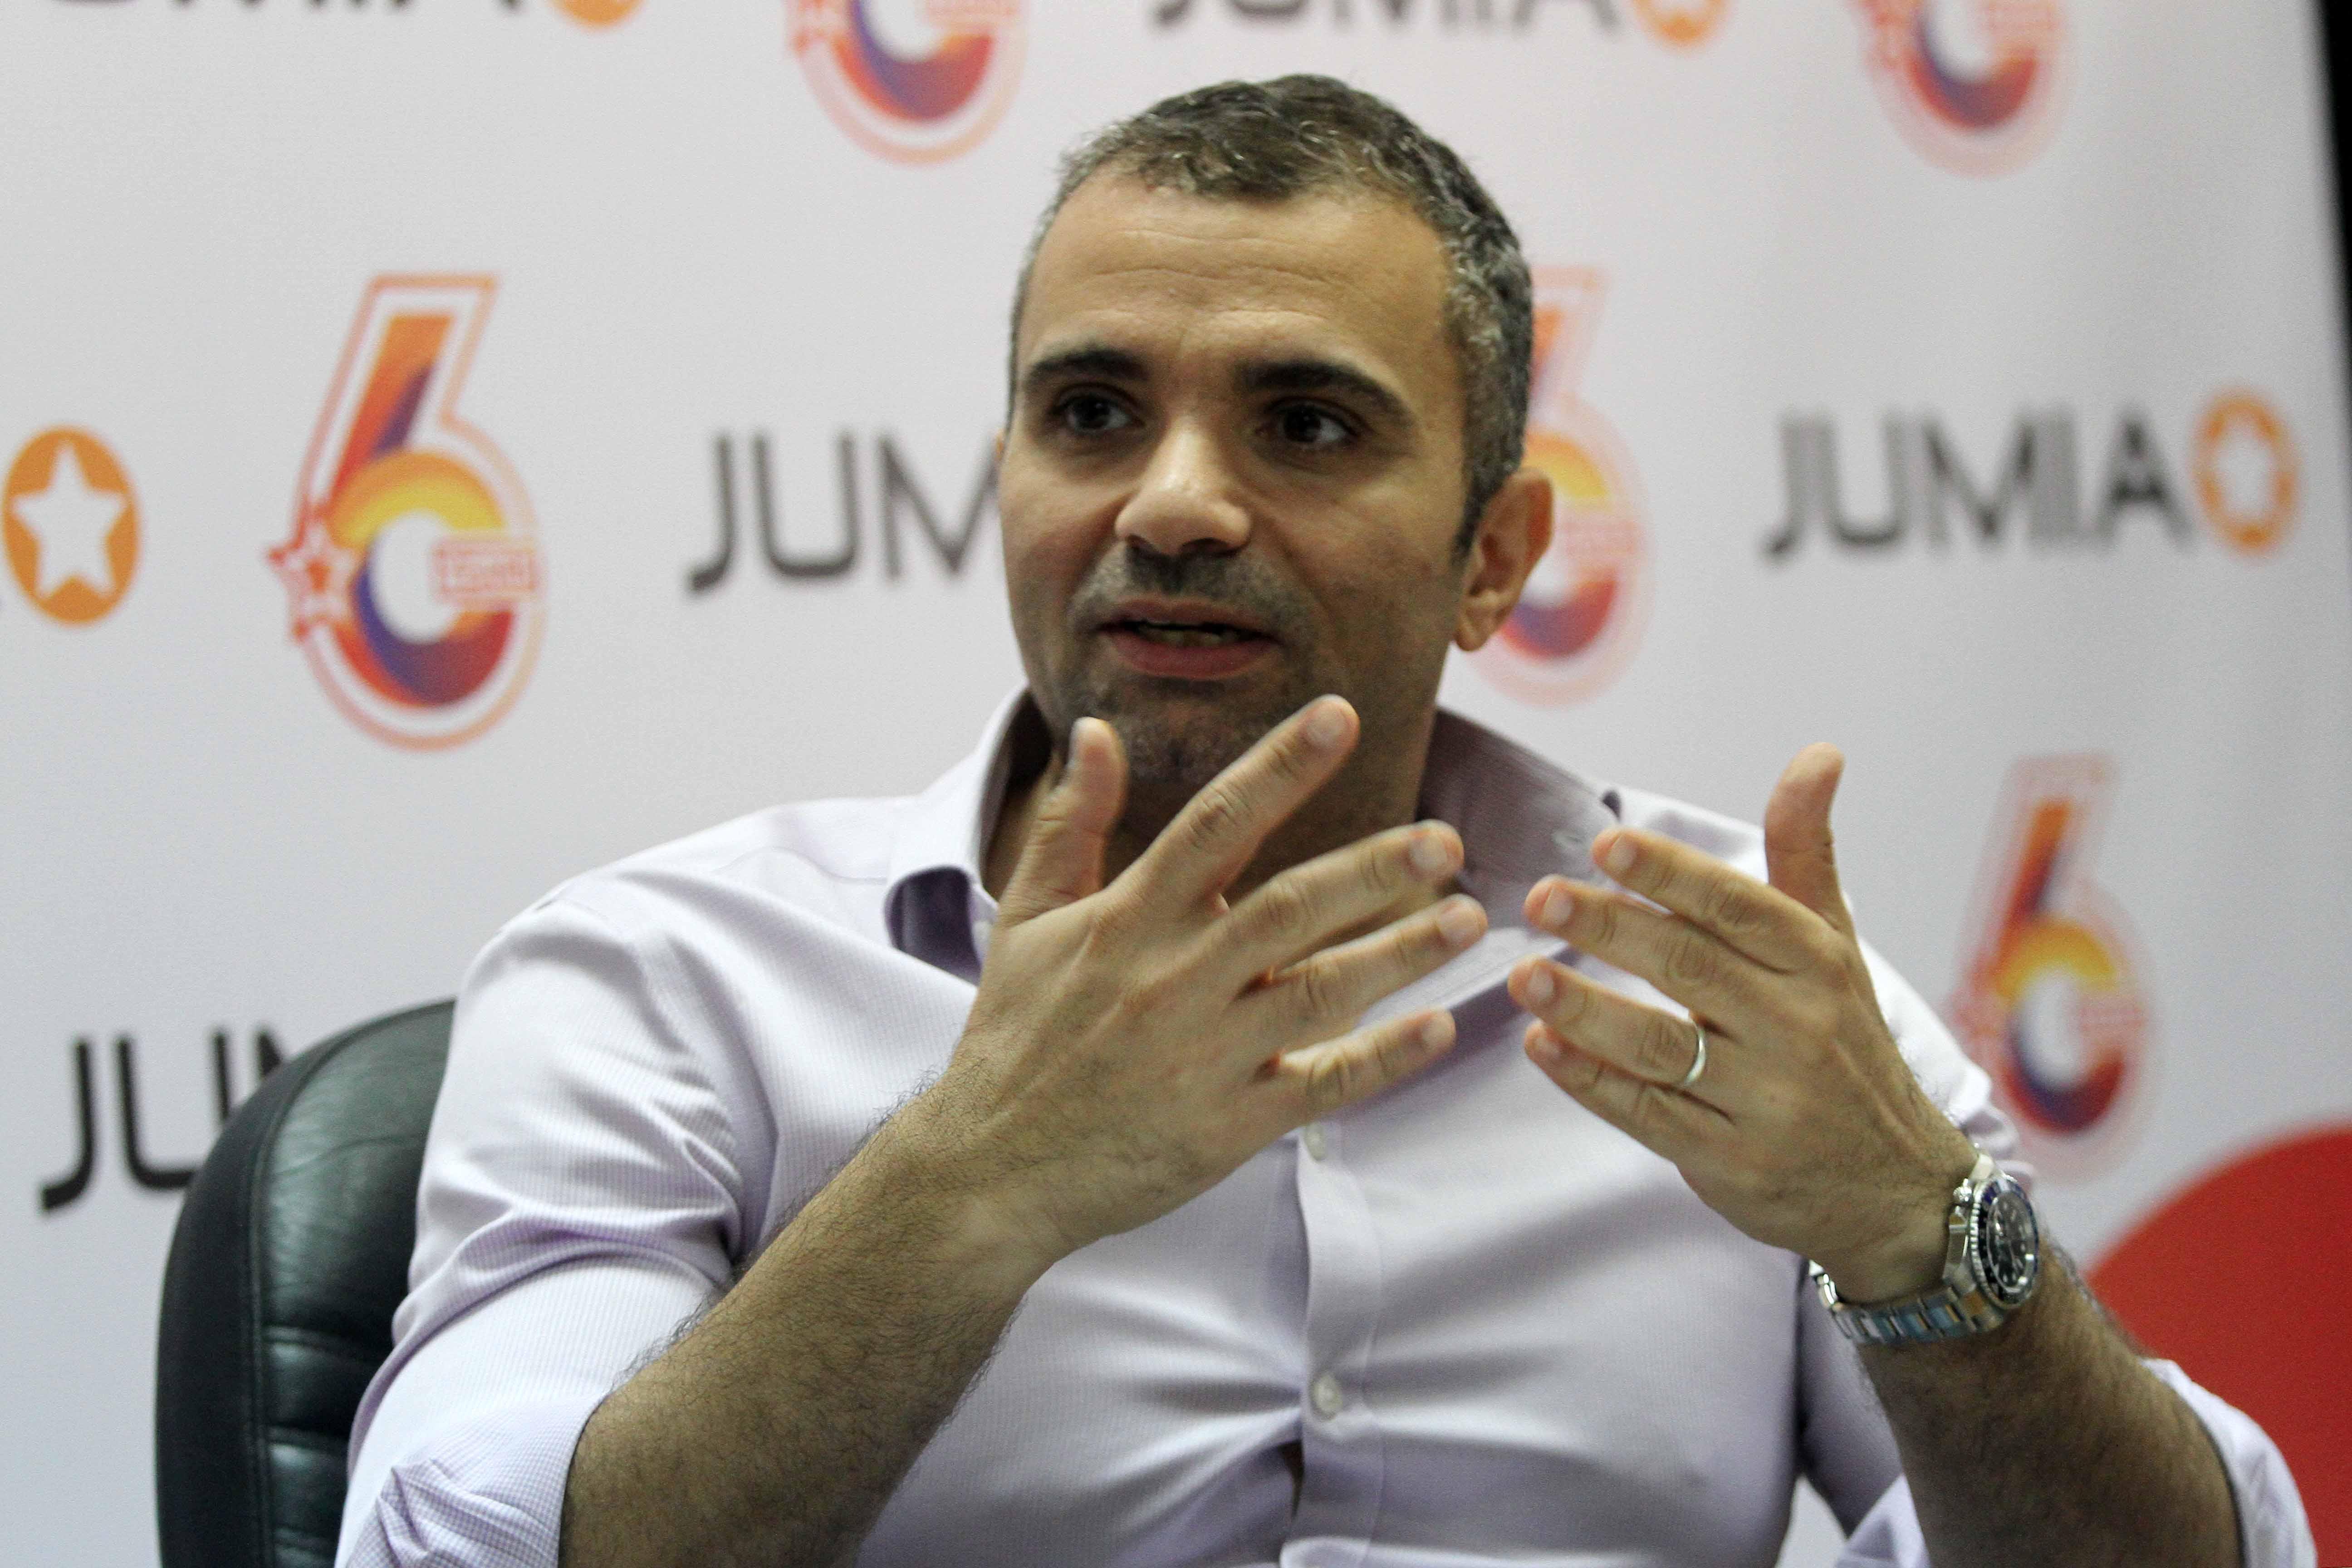 هشام صفوت يكشف جوميا تعرض 1.5 مليون منتج